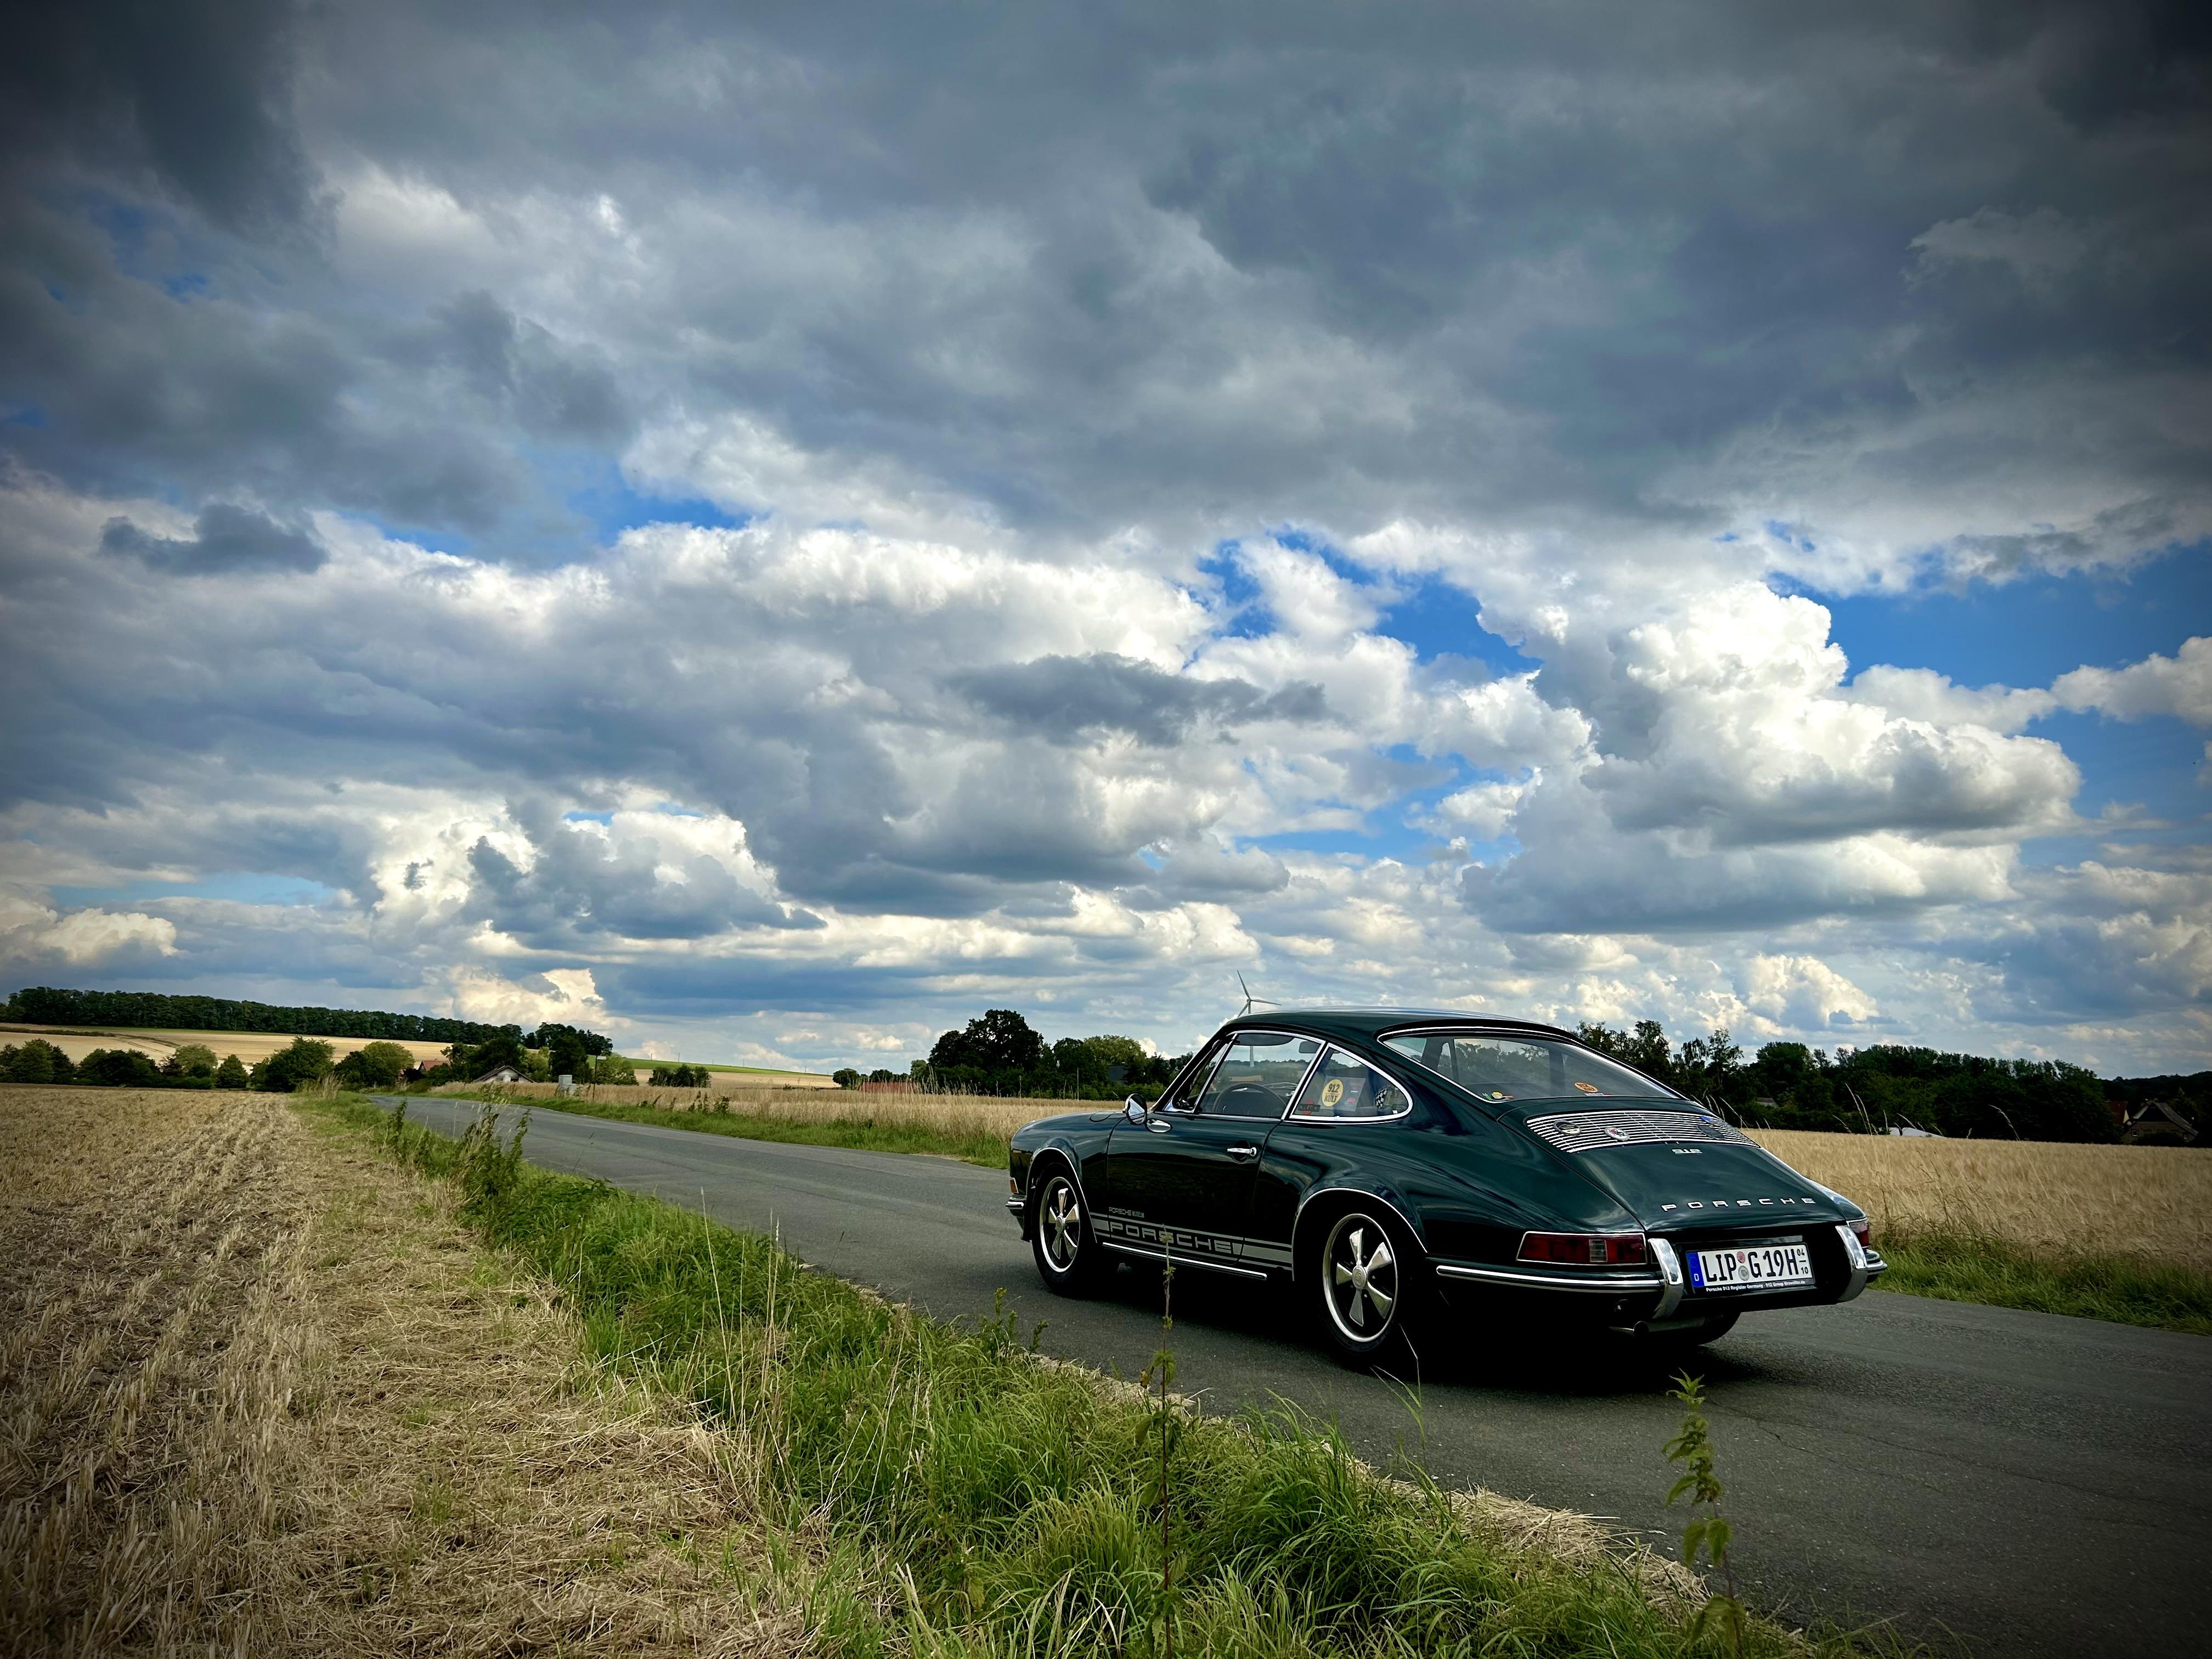 Porsche 912 Urzwölfer :  Aktuelles Titelfoto unserer facebook-Seite